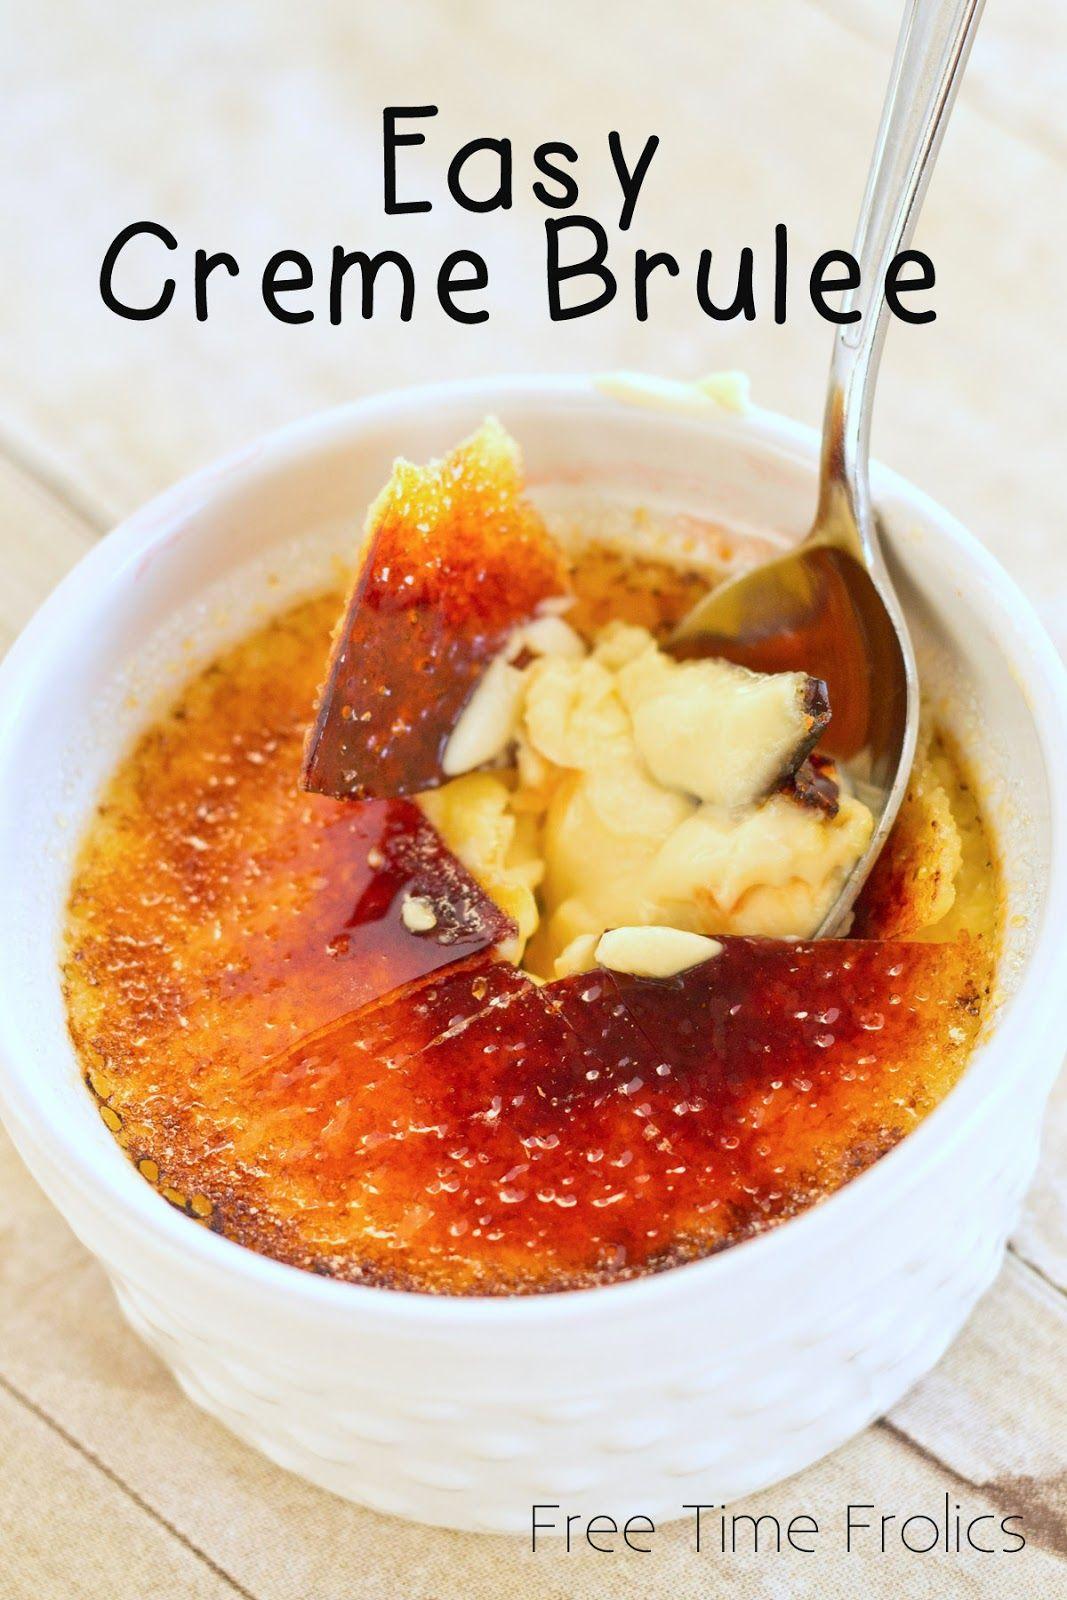 Easy Creme Brulee www.freetimefrolics.com #recipe